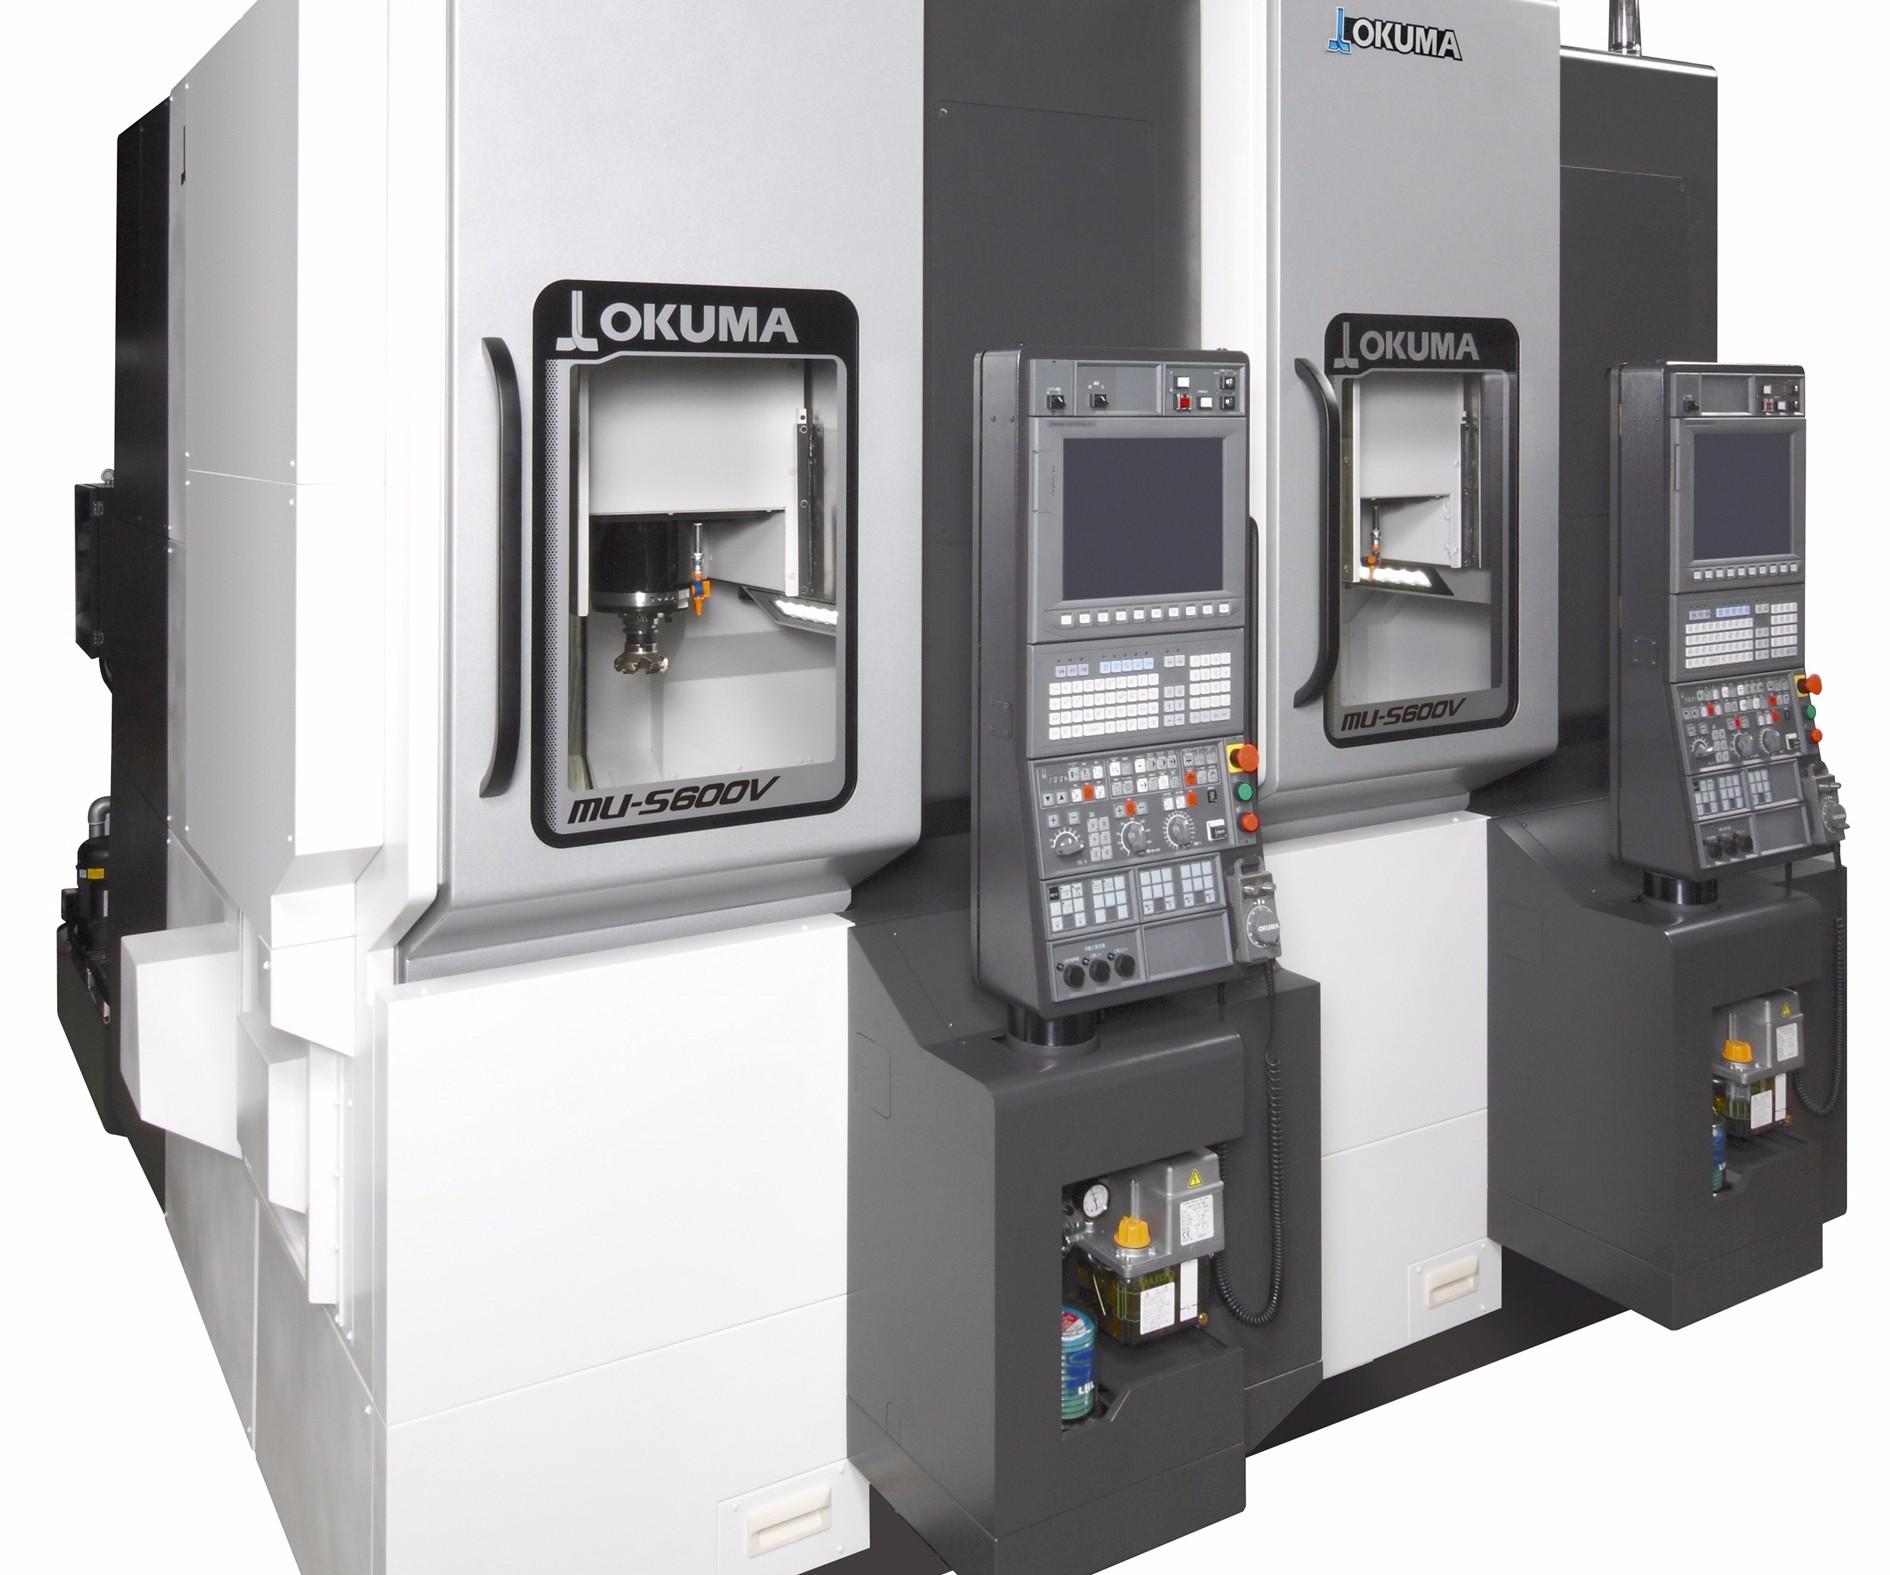 Okuma MU-S600V five-axis VMC